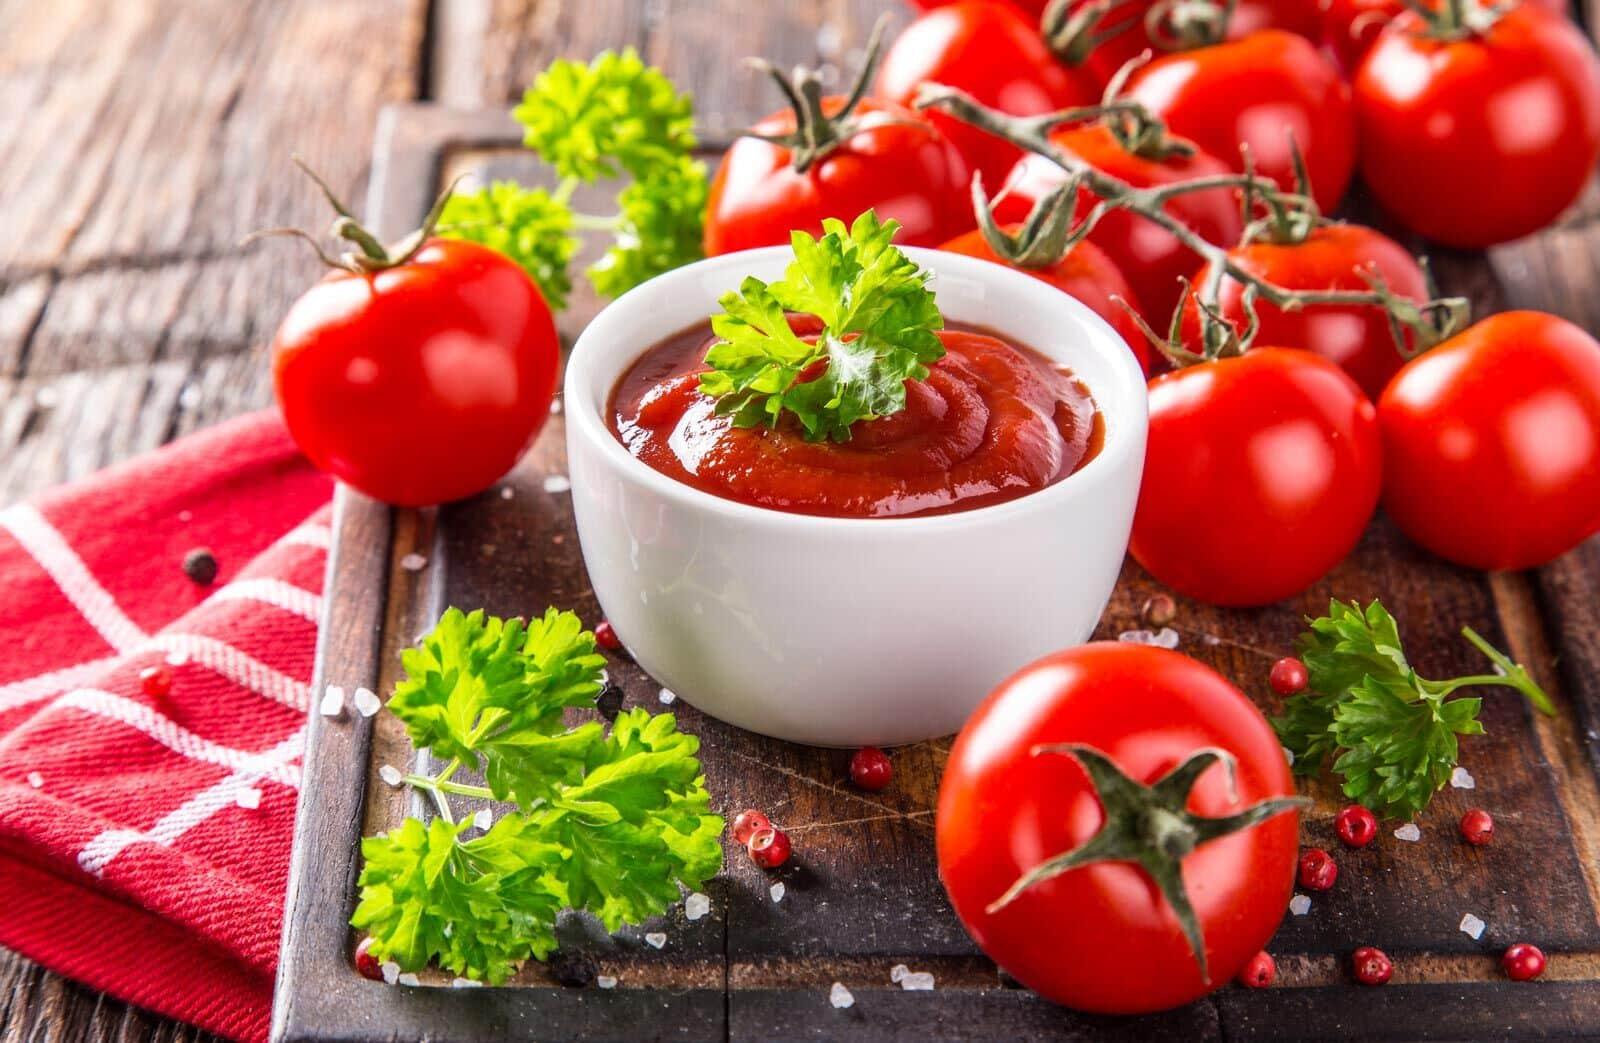 Tomato & Sauces